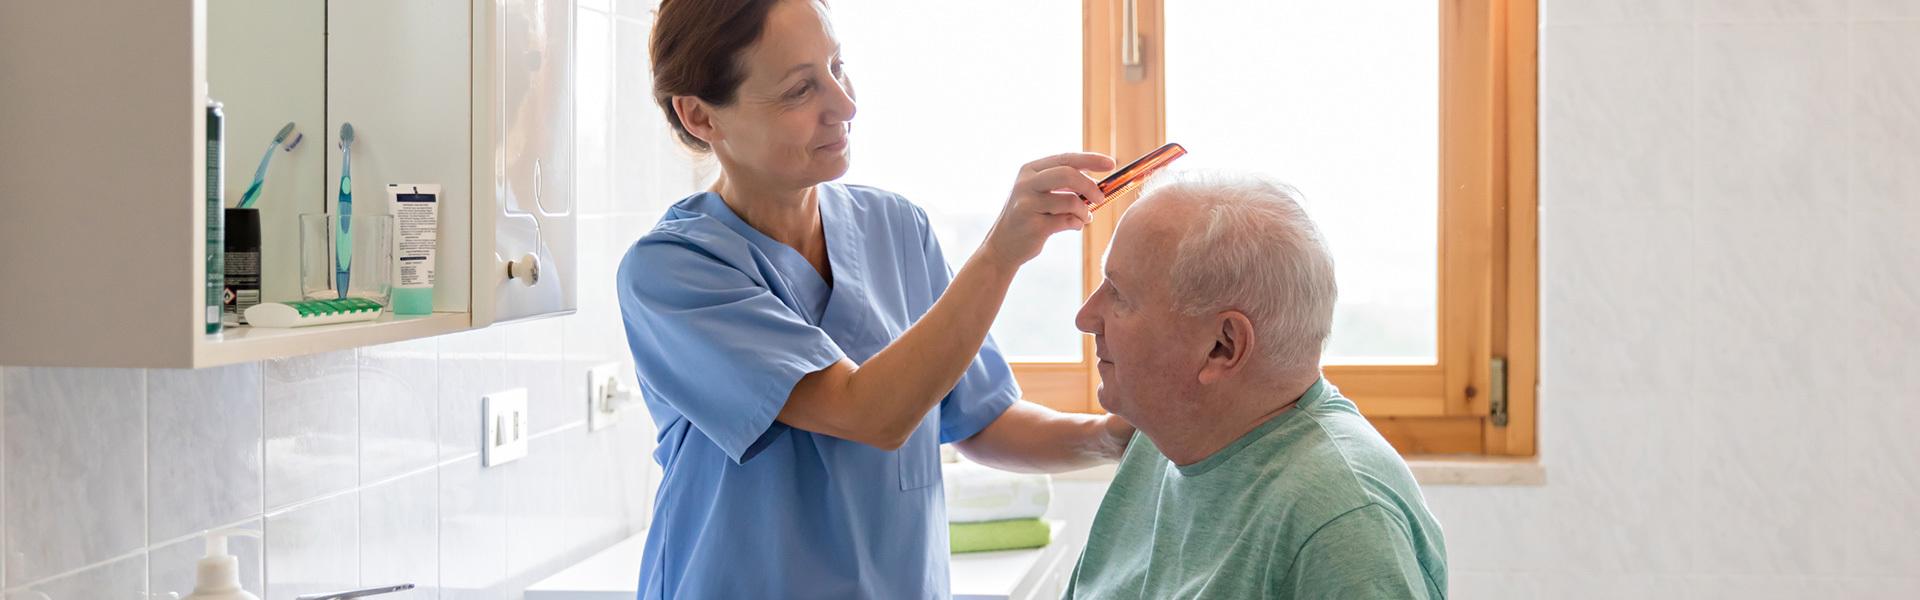 Domiciliary Care Cardiff, Dementia Care Cardiff, Homecare Cardiff